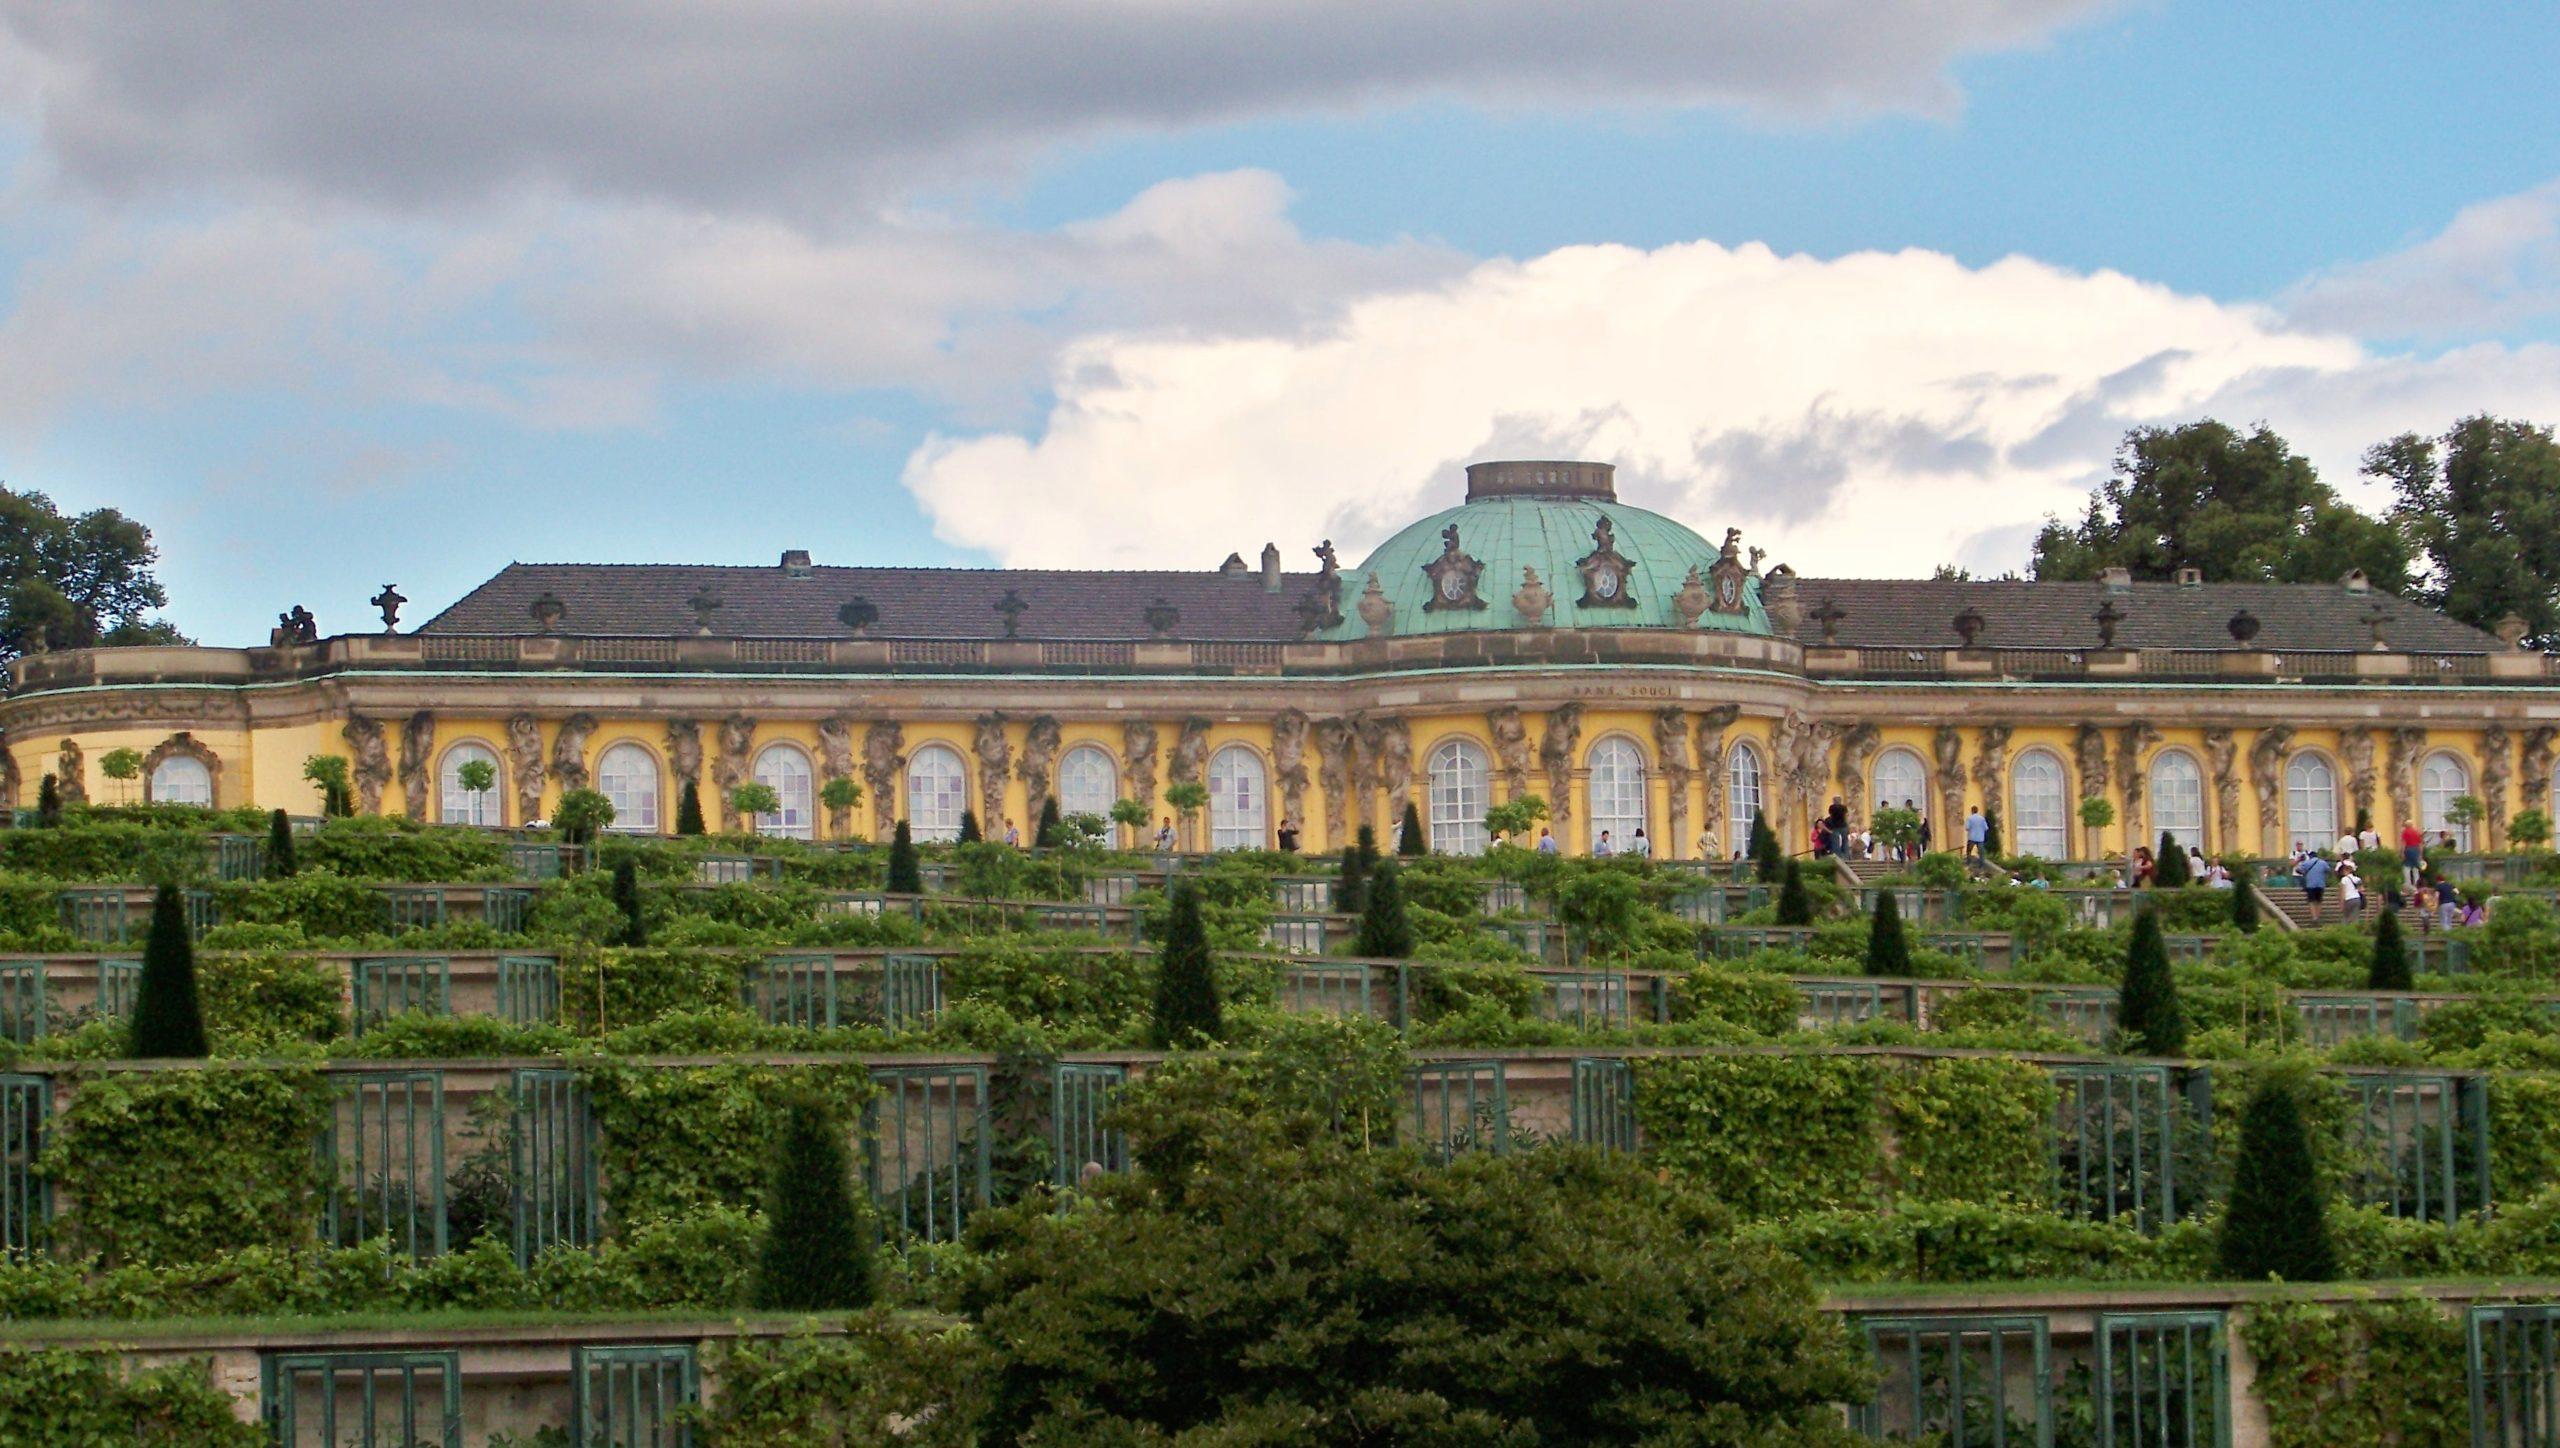 Vereinsfahrt Potsdam und seine königlichen Schlösser in der Abenddämmerung 2 Tage